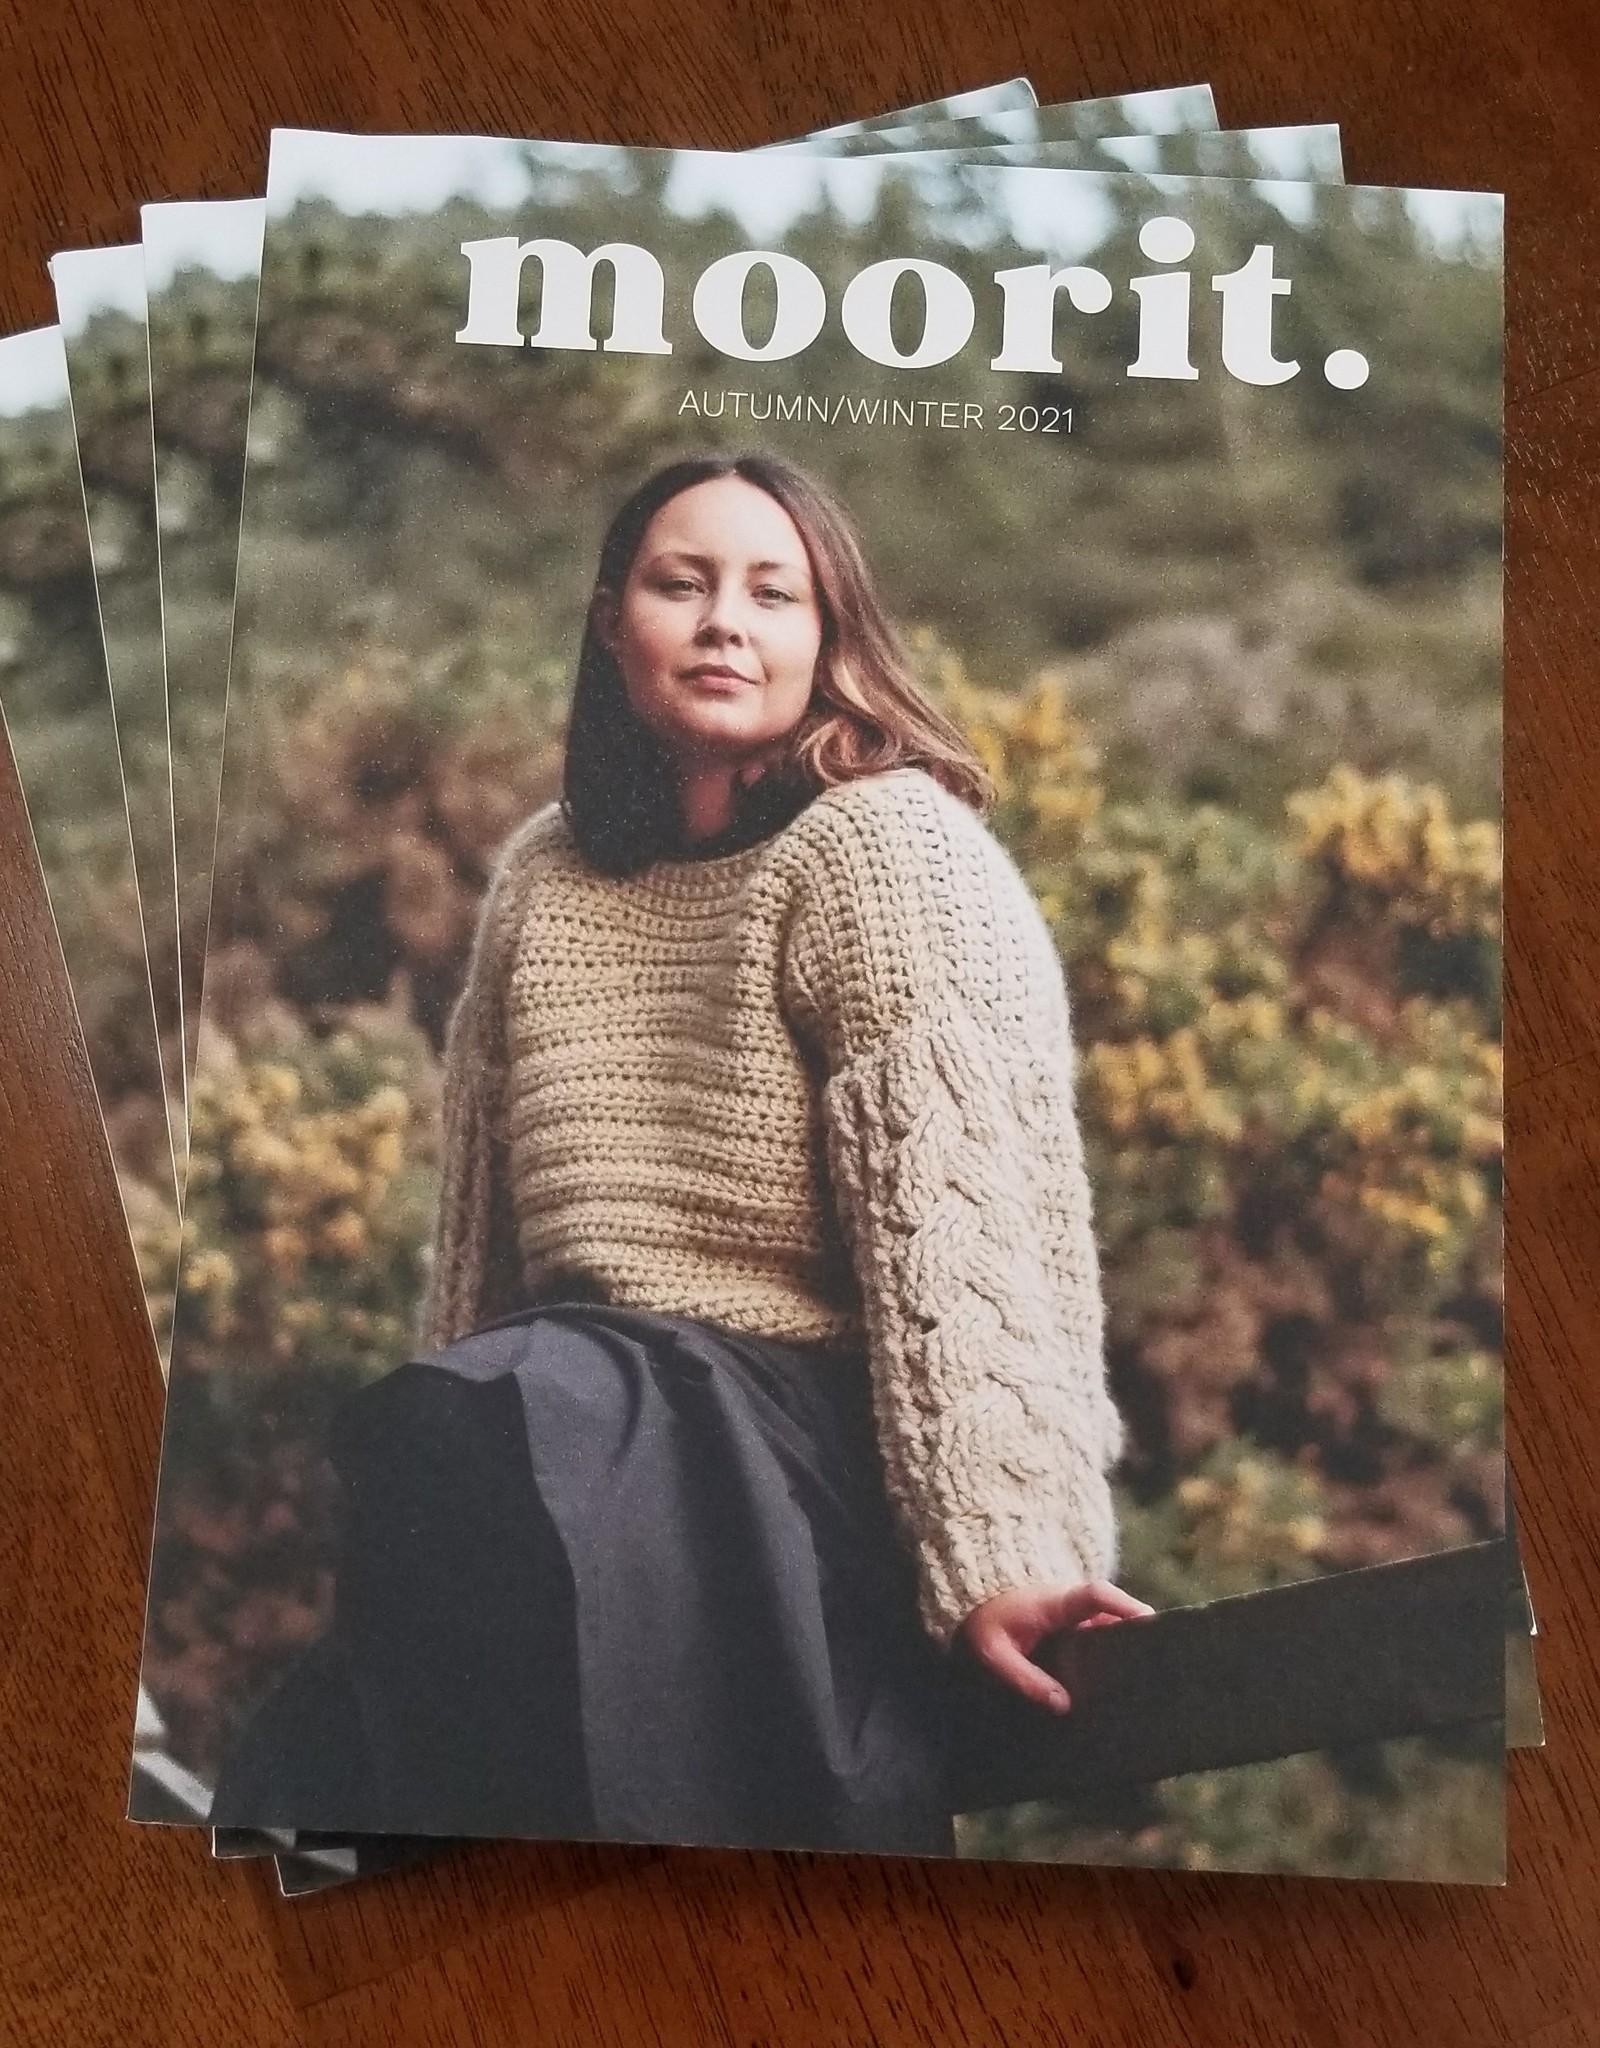 Moorit.  Autumn/Winter 2021